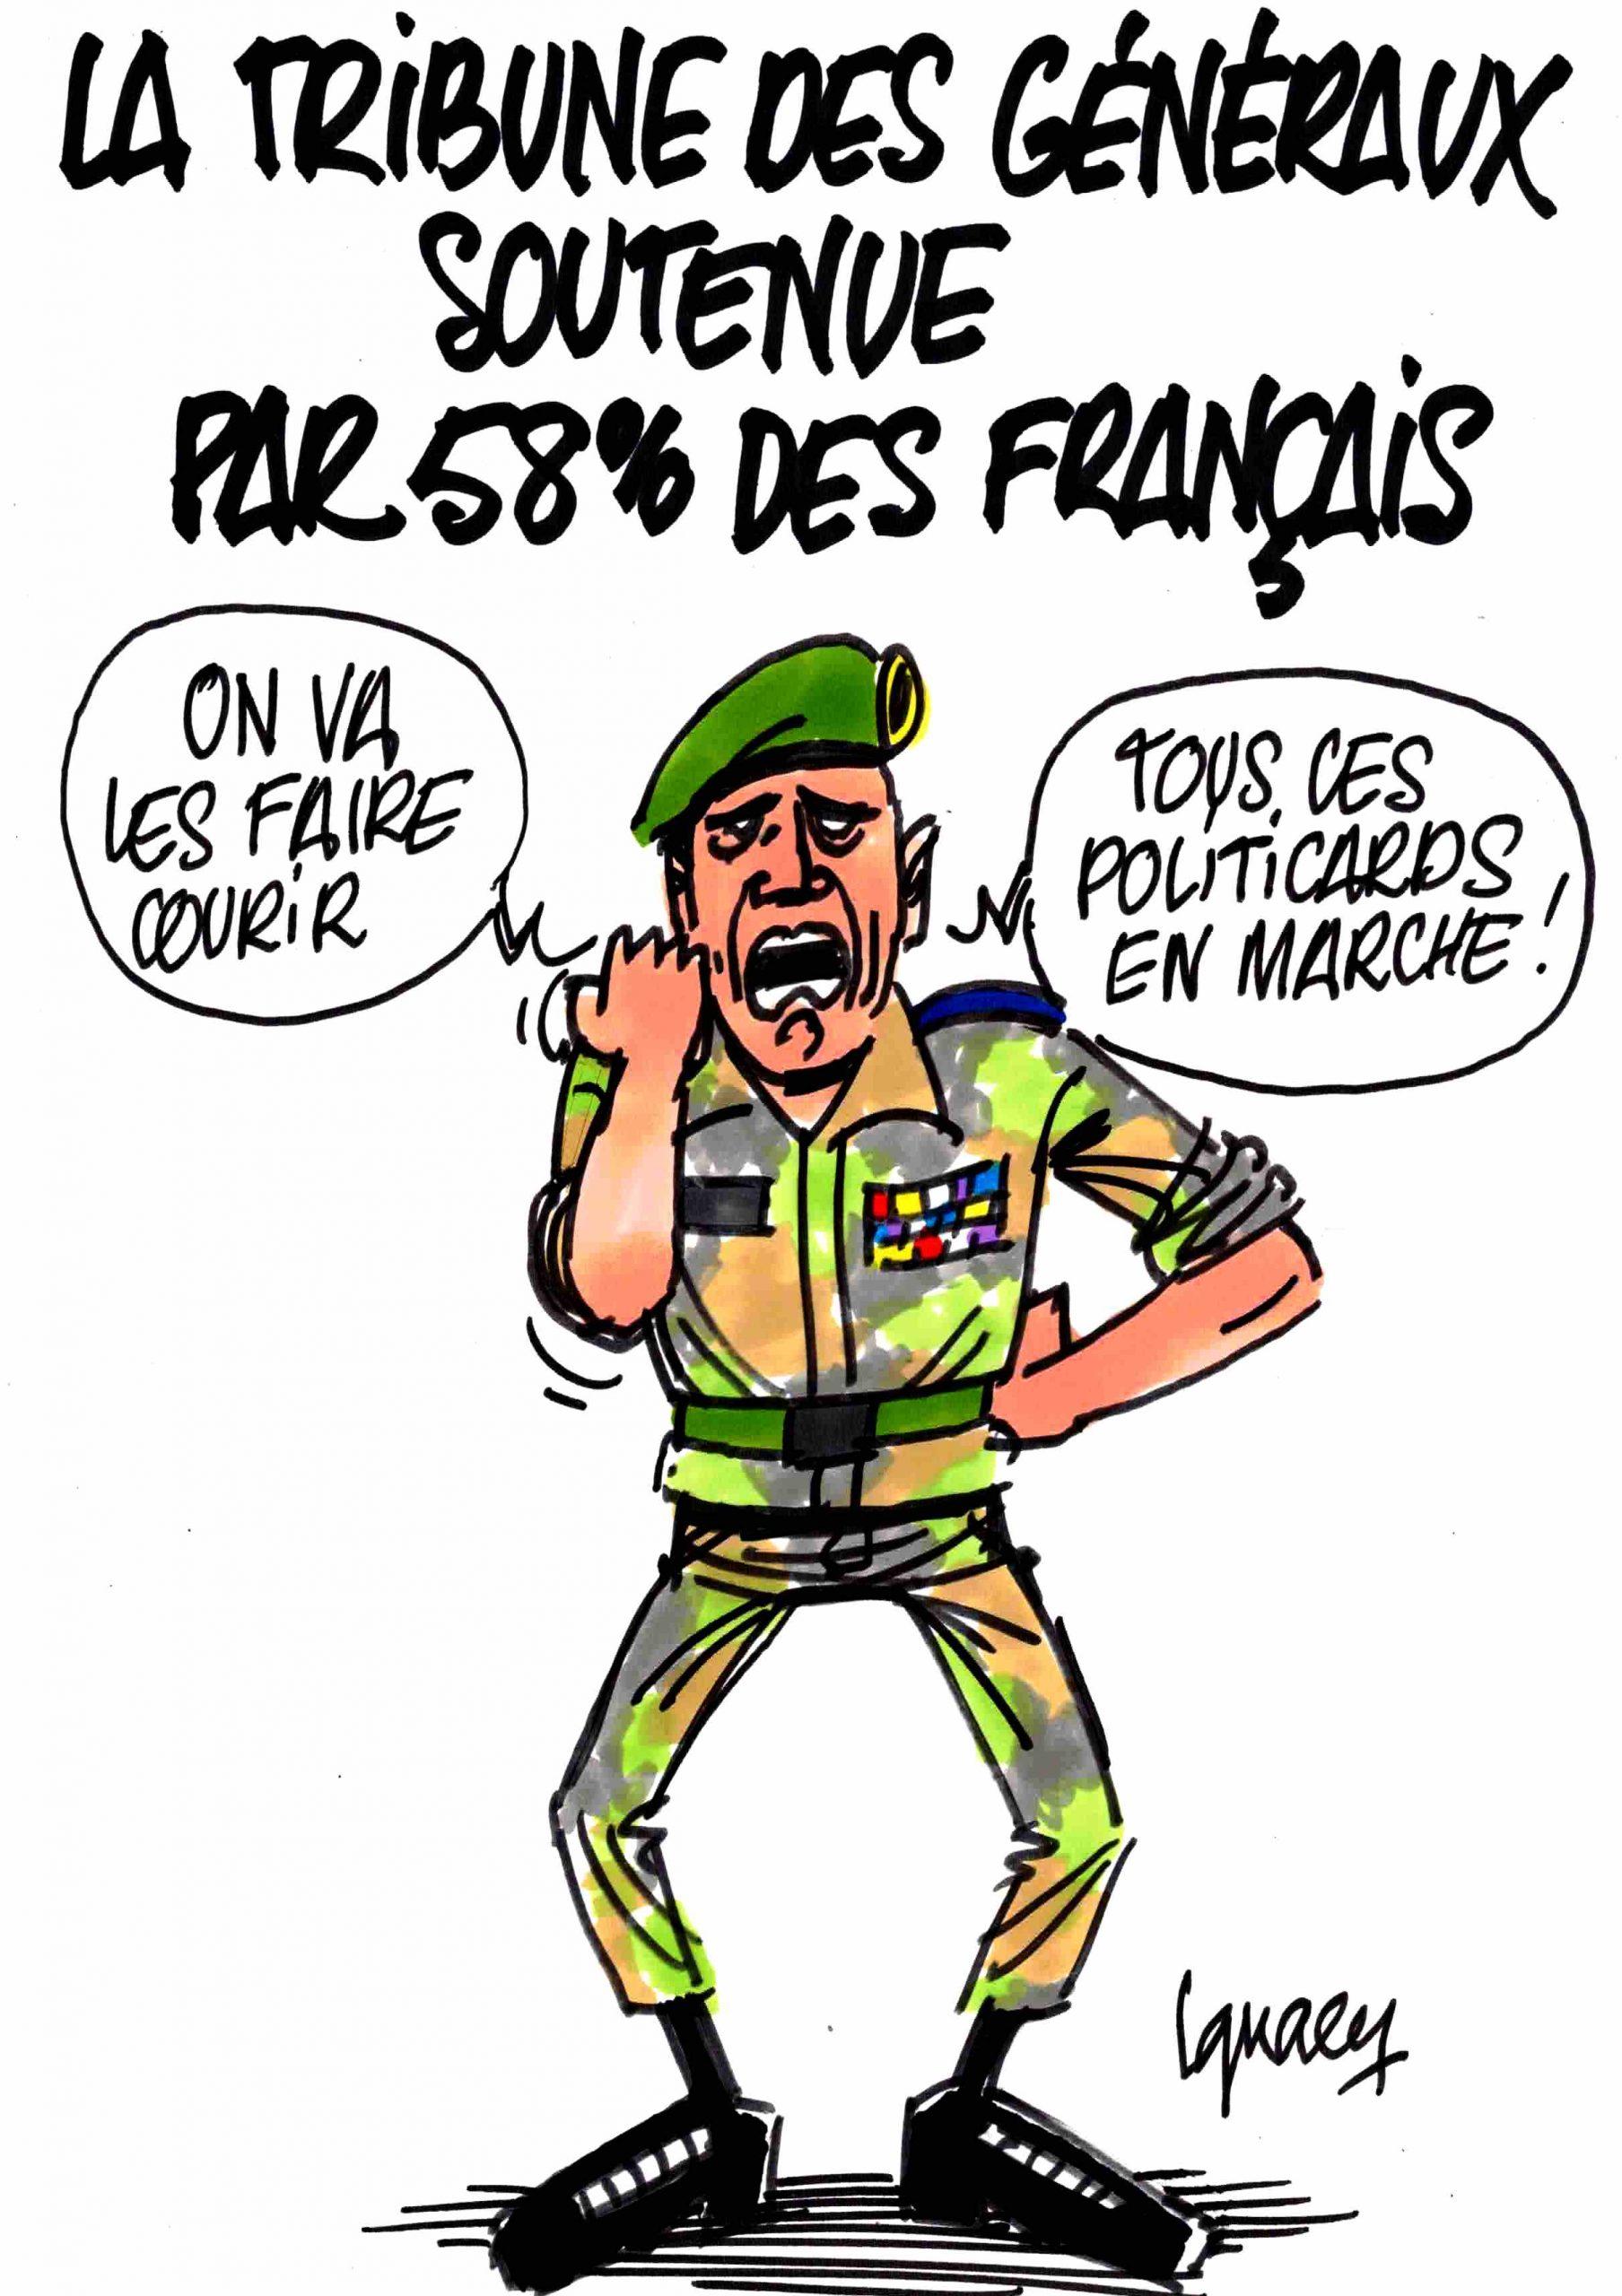 Ignace - La tribune des généraux soutenue par l'opinion